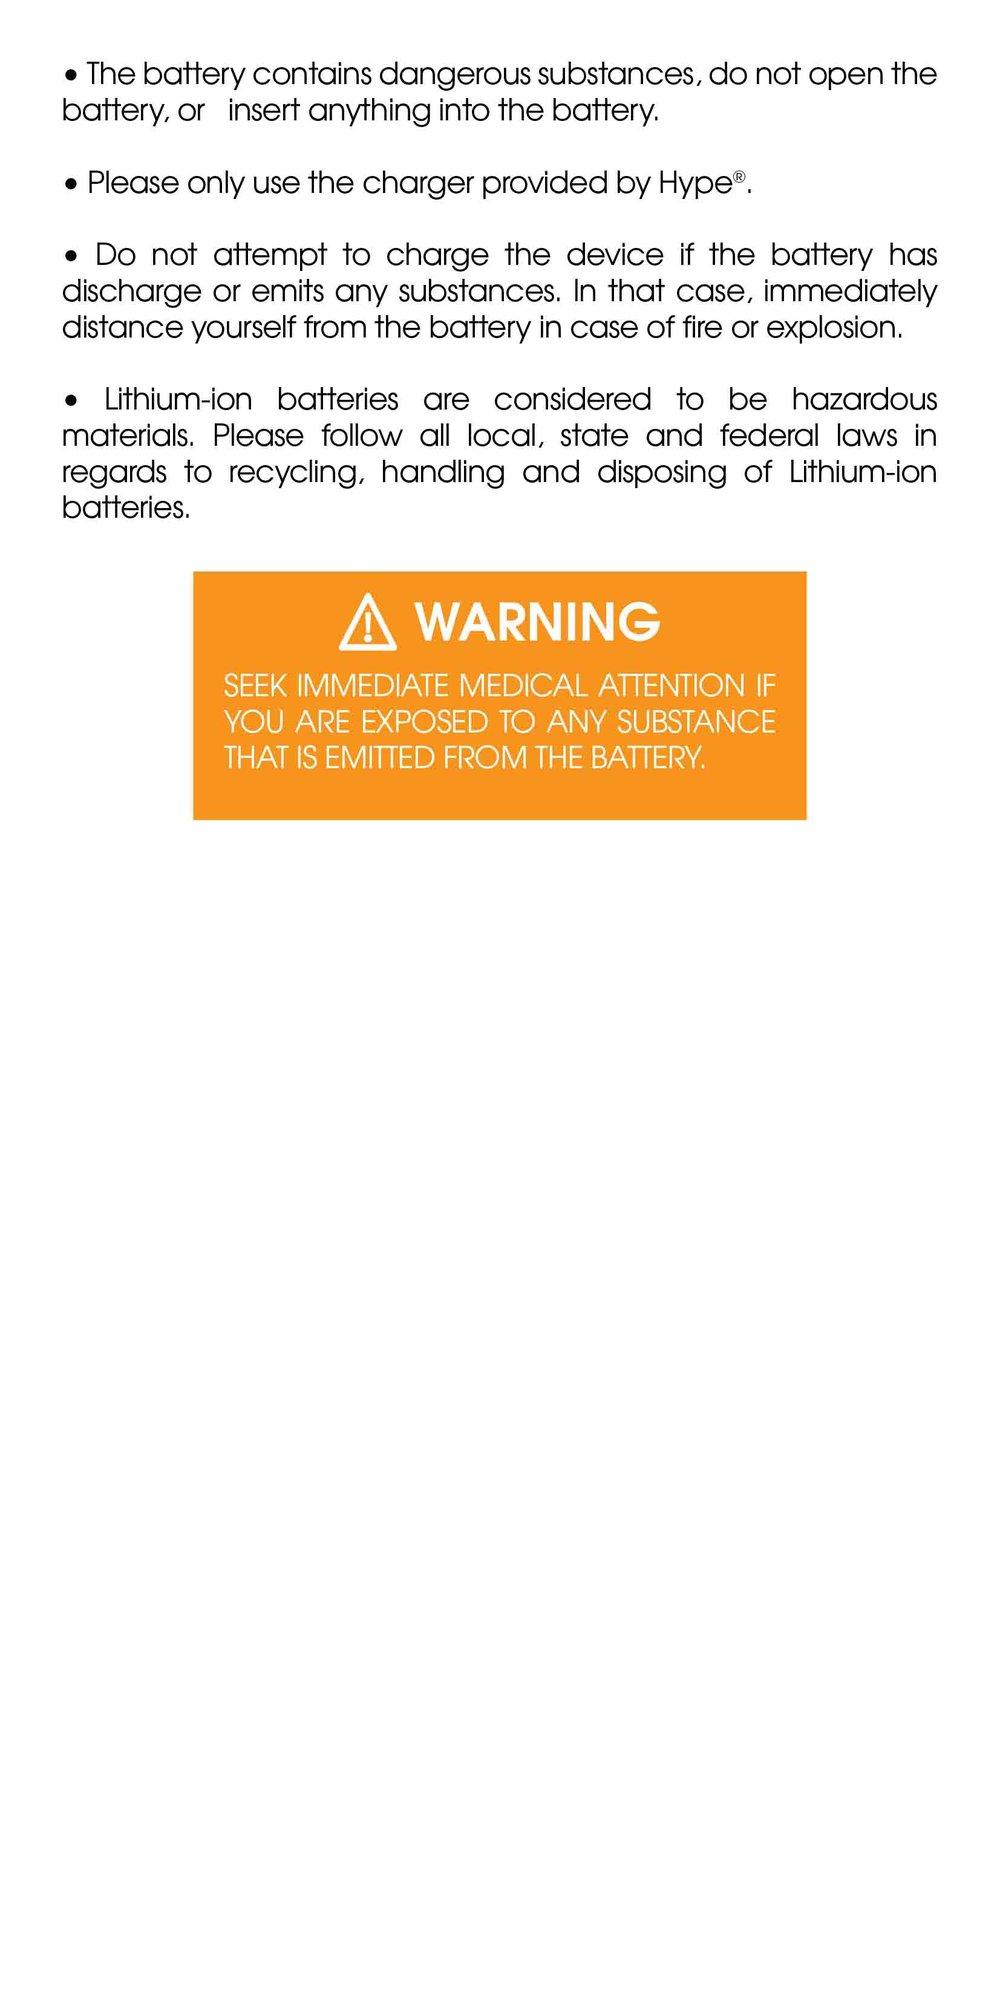 HY-HBKE-Manual-09132016 19.jpg